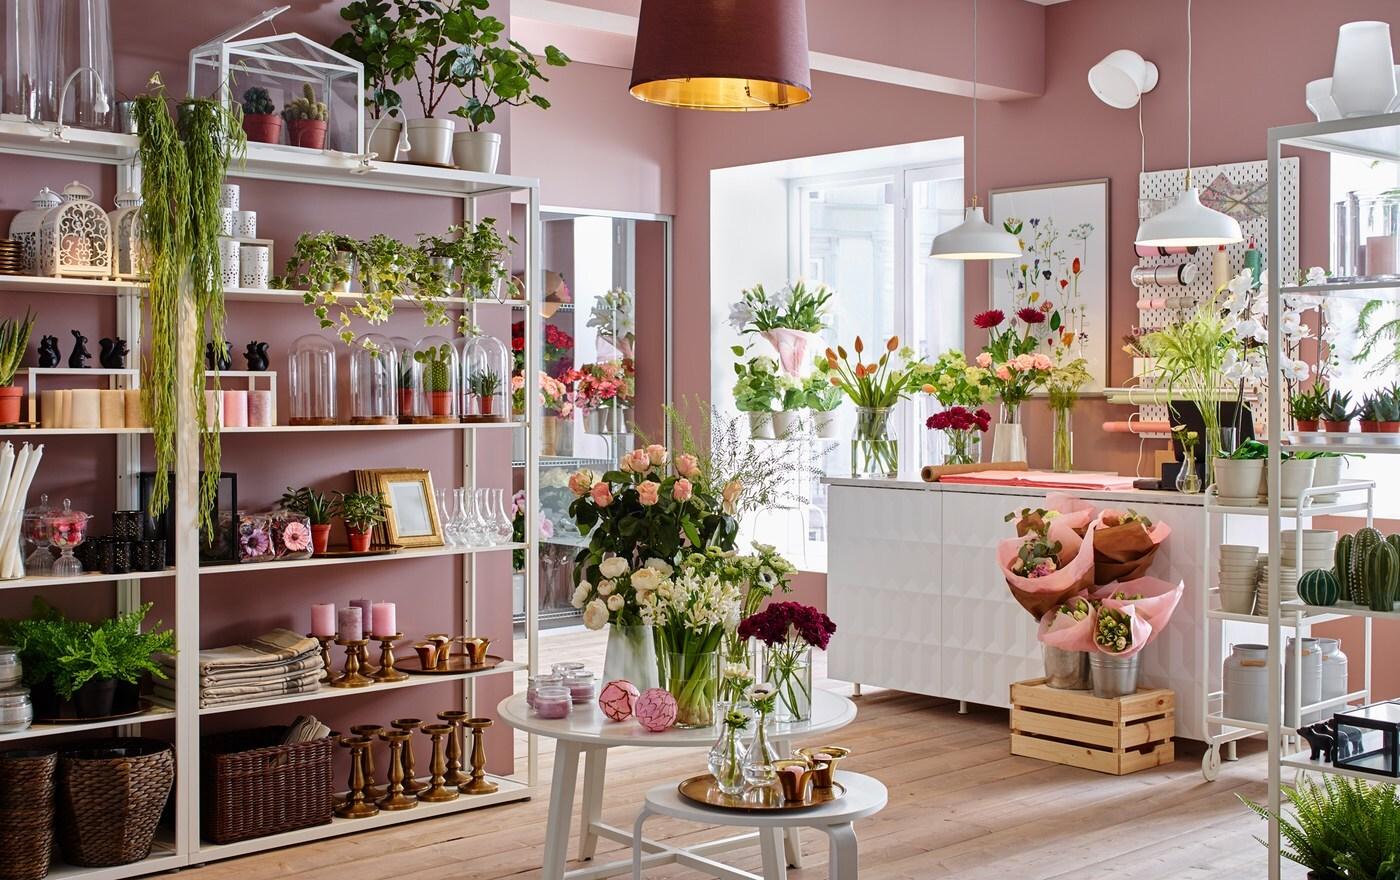 متجر زهور مع جدران وردي ووحدات رفوف حائط بيضاء FJÄLKINGE من ايكيا لعرض النباتات والمزهريات.